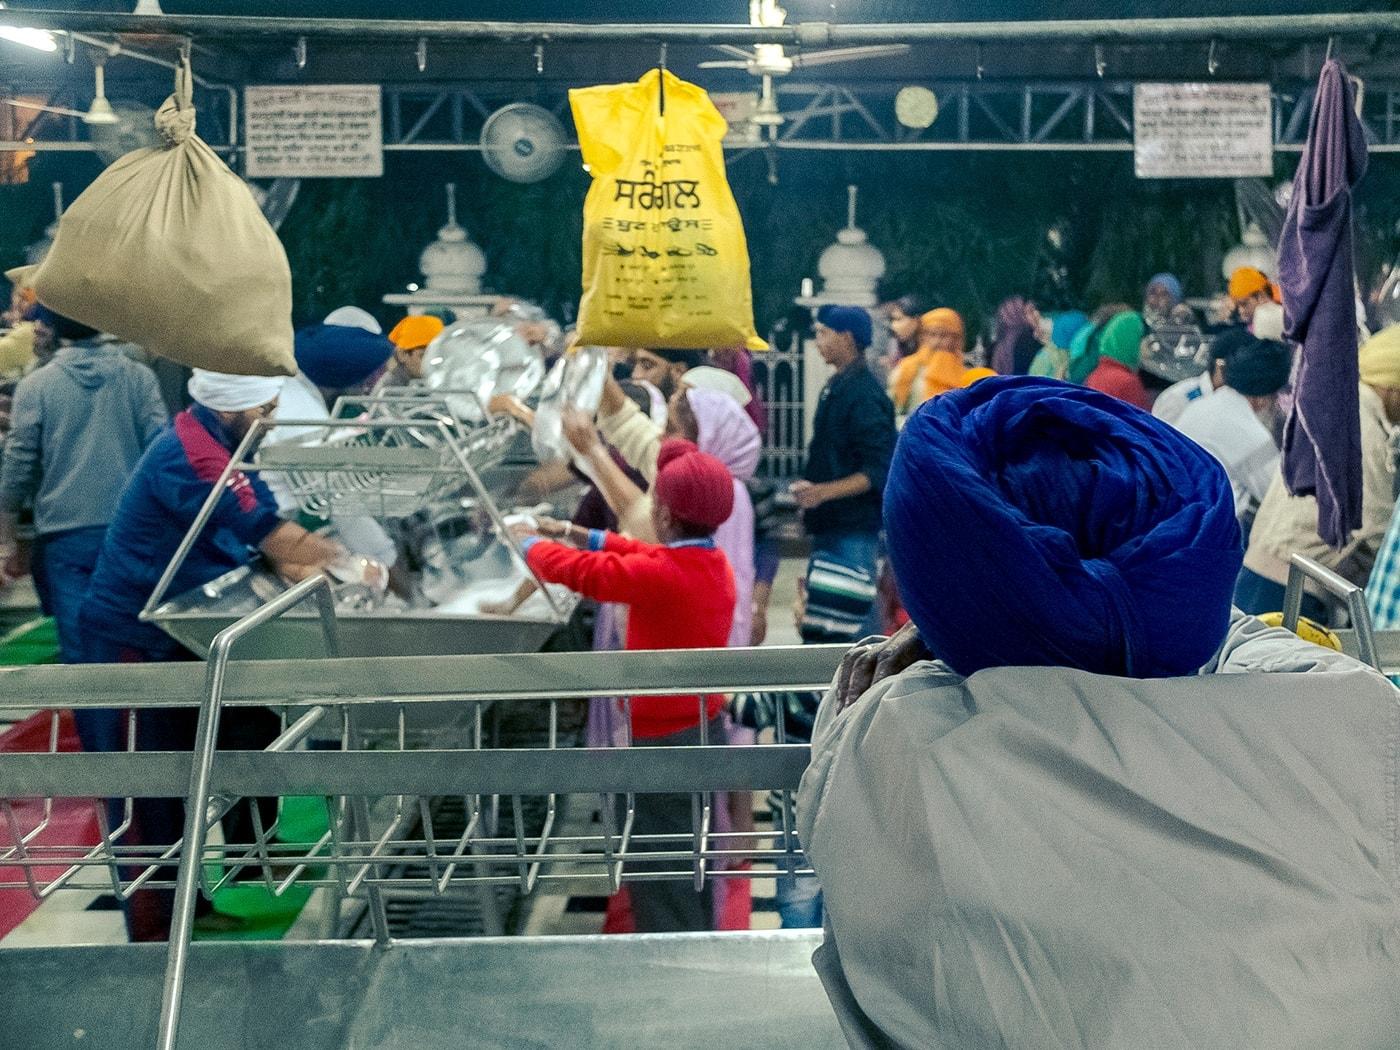 viaggio in india amritsar cucina comune lavaggio